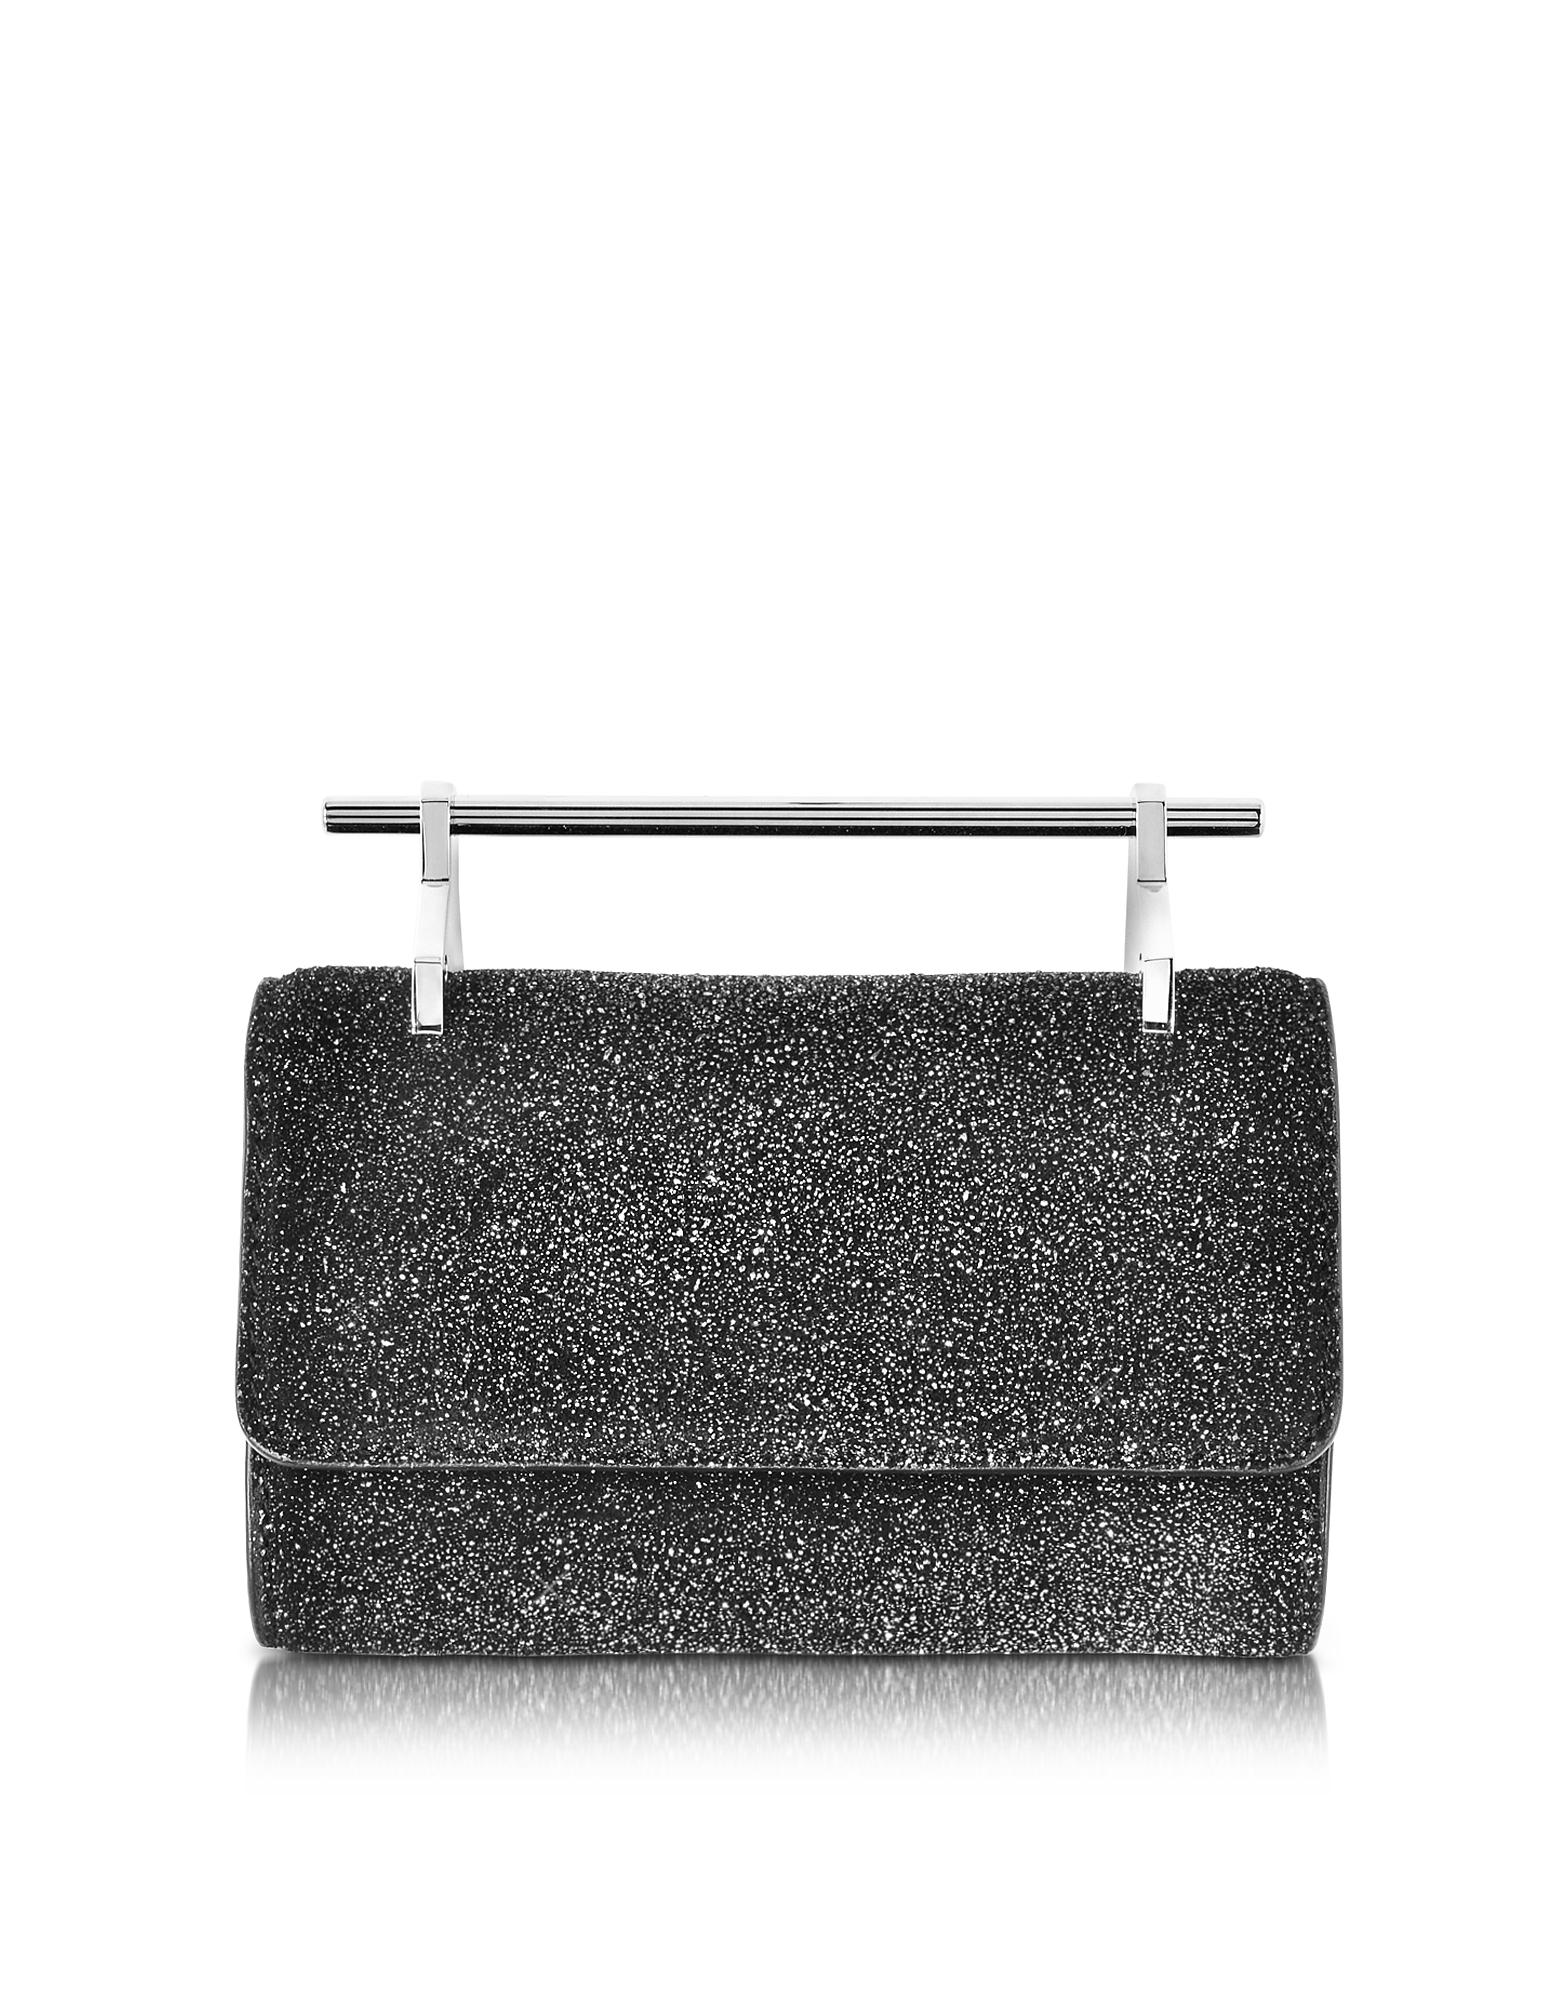 M2Malletier Mini Fabricca Cosmic - Черный Блестящий Кожаный Клатч с Цепочкой